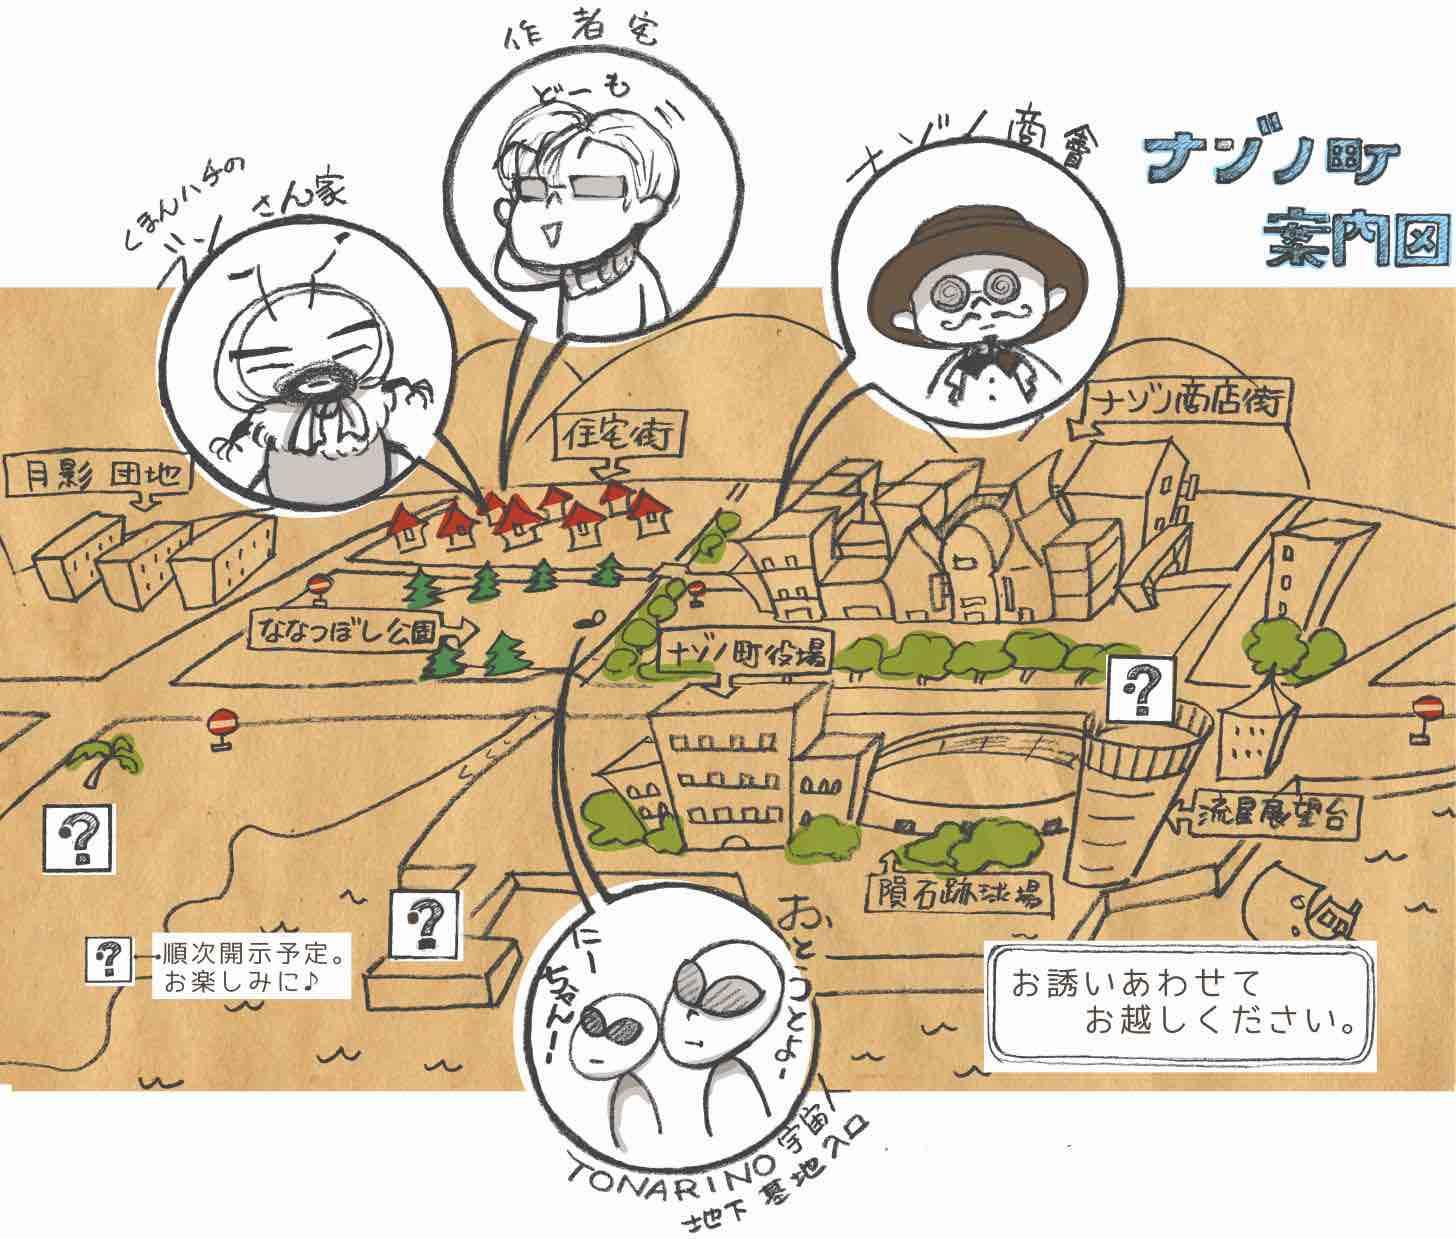 4コマ漫画ナゾノ商會の町内地図